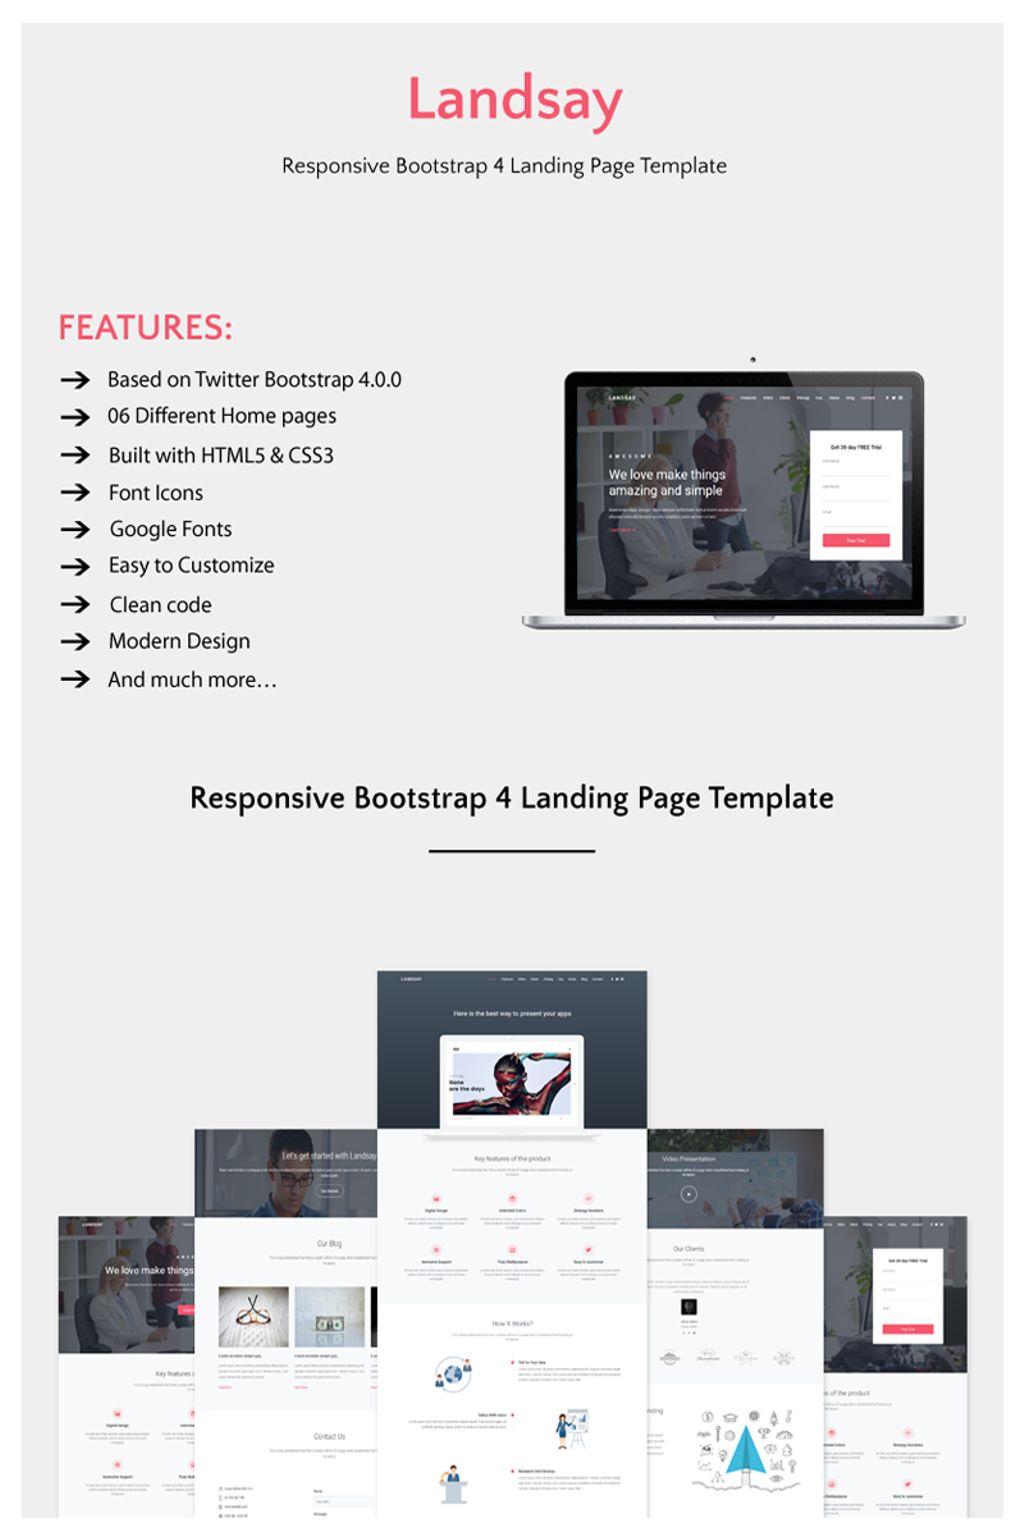 Responsywny szablon strony www Landsay - Responsive Bootstrap 4 #67145